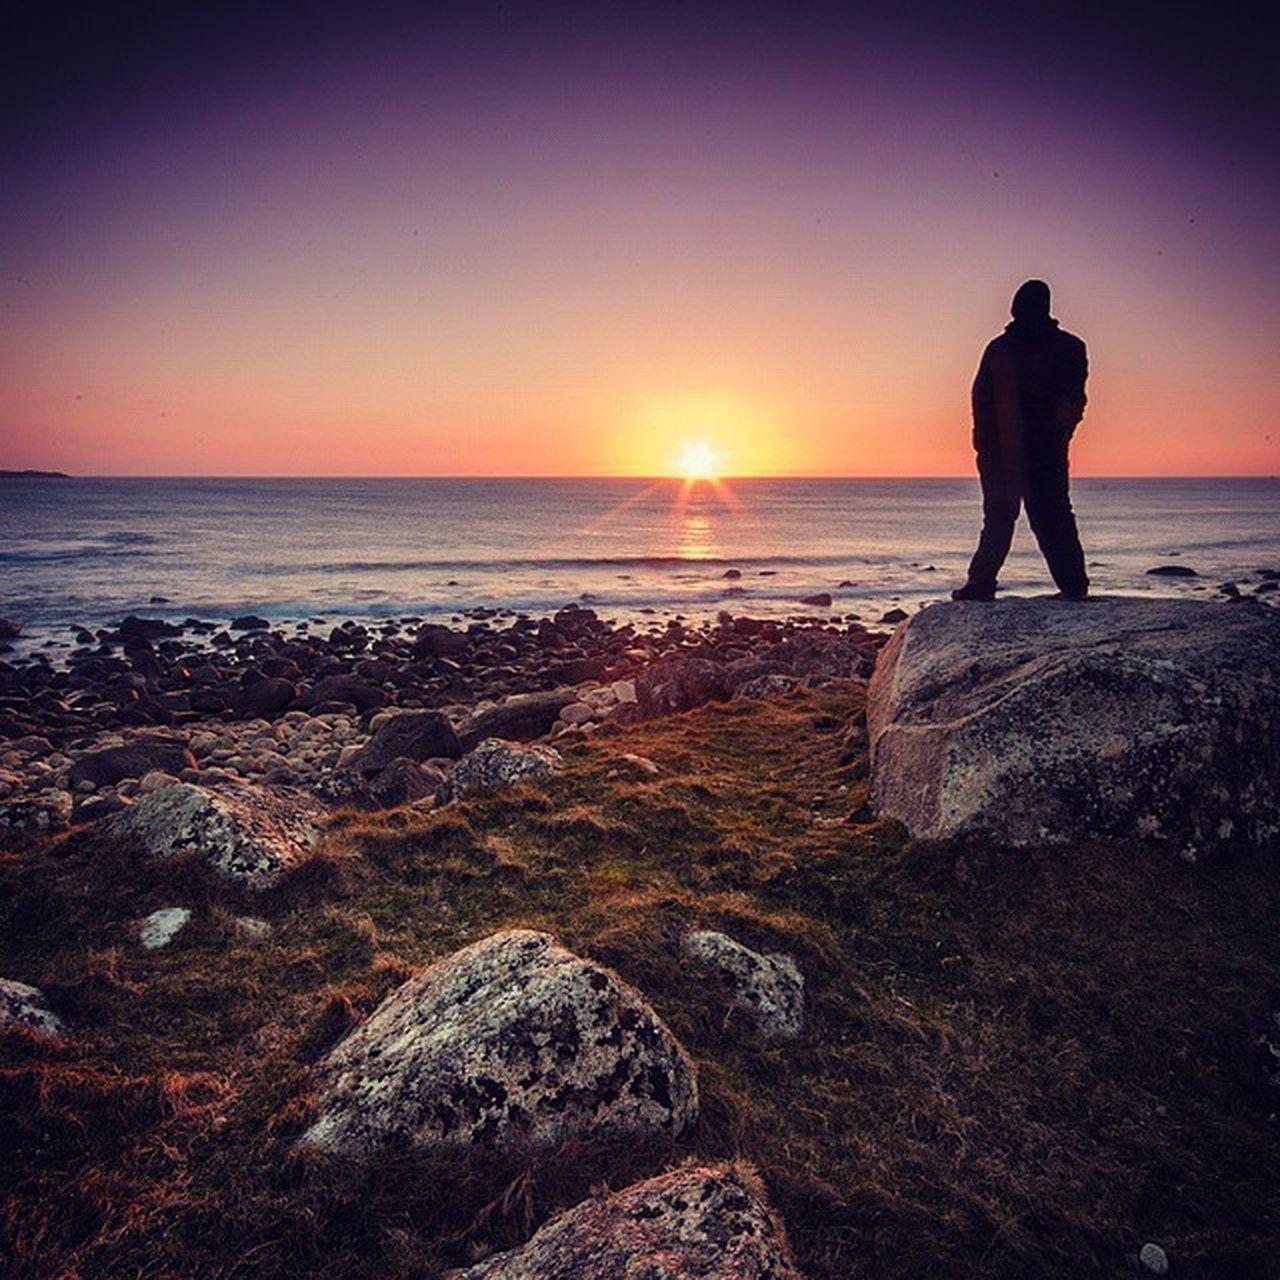 Quick selfie from the sunset at Bloody foreland, Donegal. Thisisdonegal Insta_ireland Sengajaphoto Weloveirelandphotos wanderireland inspireland_ loves_ireland thisisIreland discoverireland ireland odonnellphotography donegal skylovers sunset icu_ireland sea wildatlanticway stone ig_sunrisesunset ig_sunsetshots